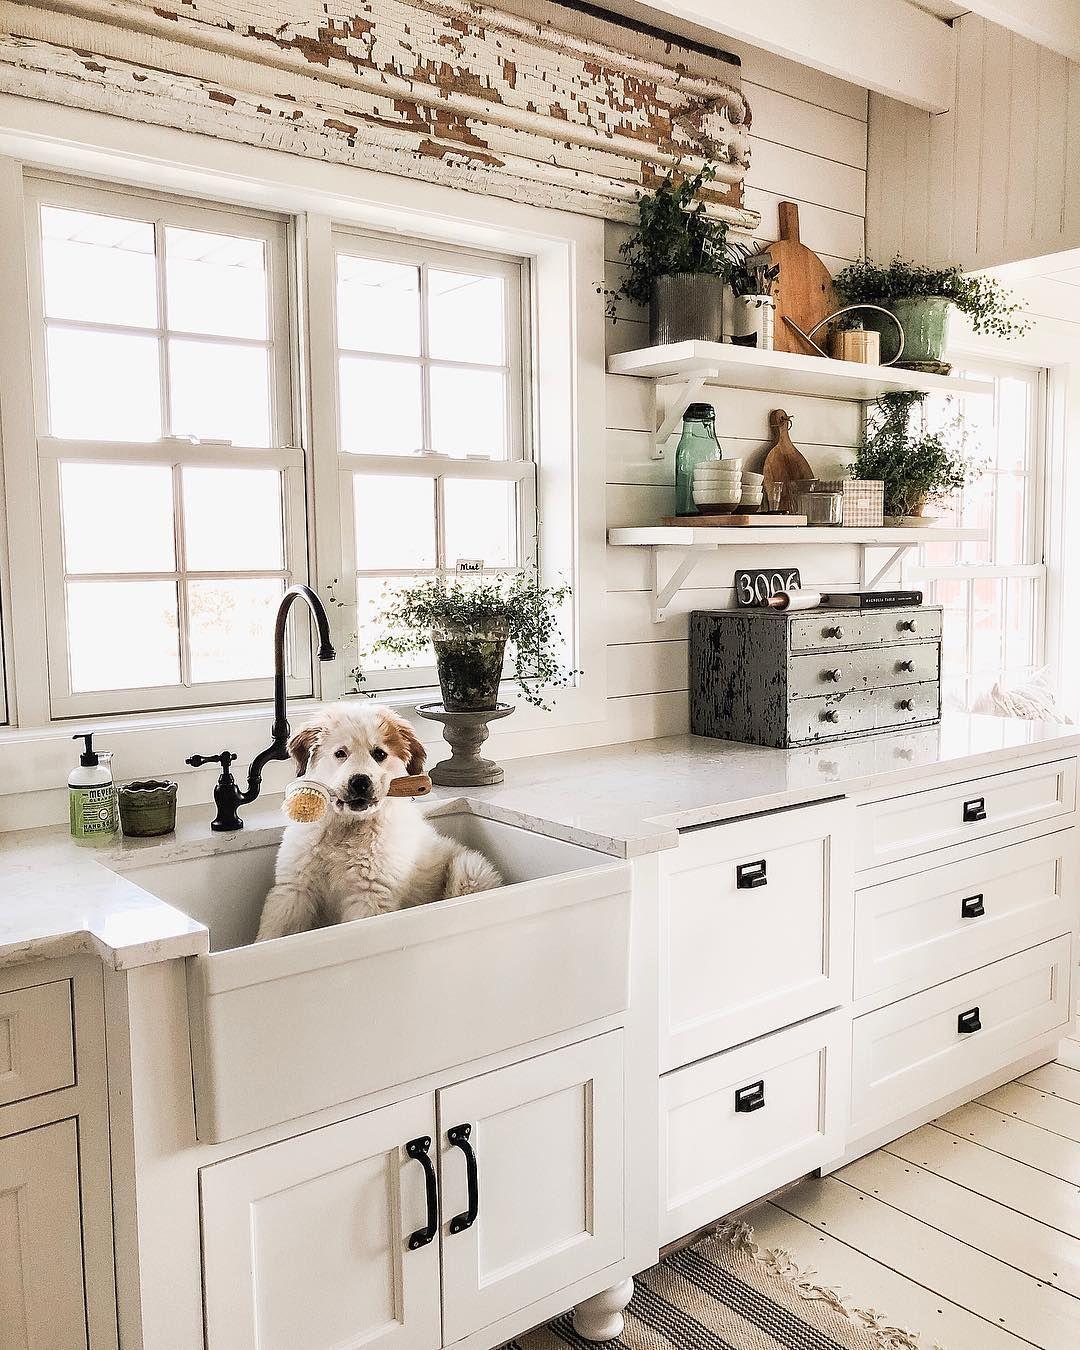 Pin von Cennedy Breese auf home. | Pinterest | Küche, Einrichtung ...